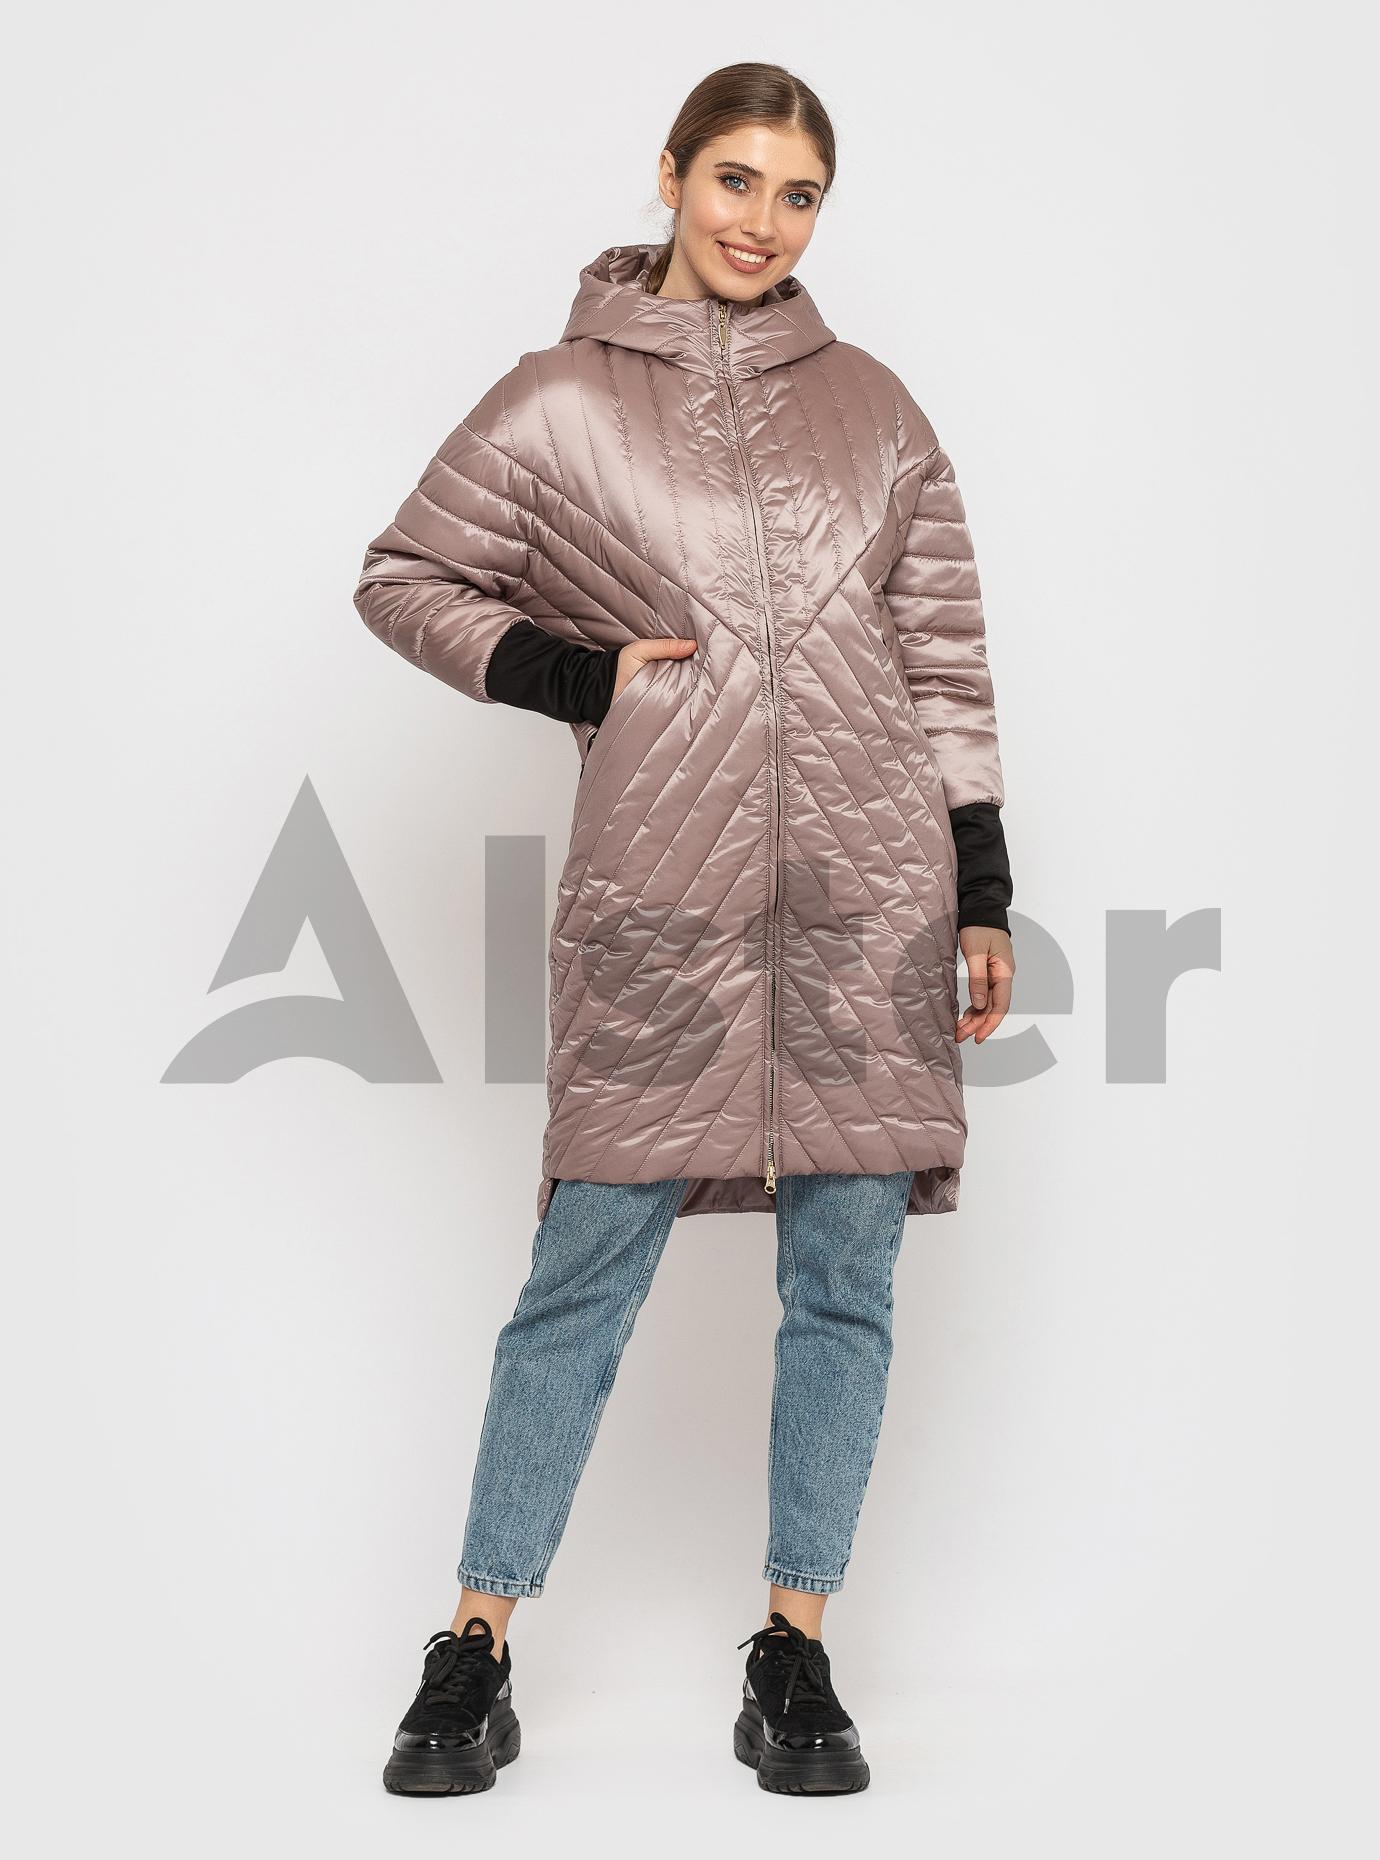 Куртка жіноча демісезонна подовжена Пудровий L (02-KT19002132): фото - Alster.ua